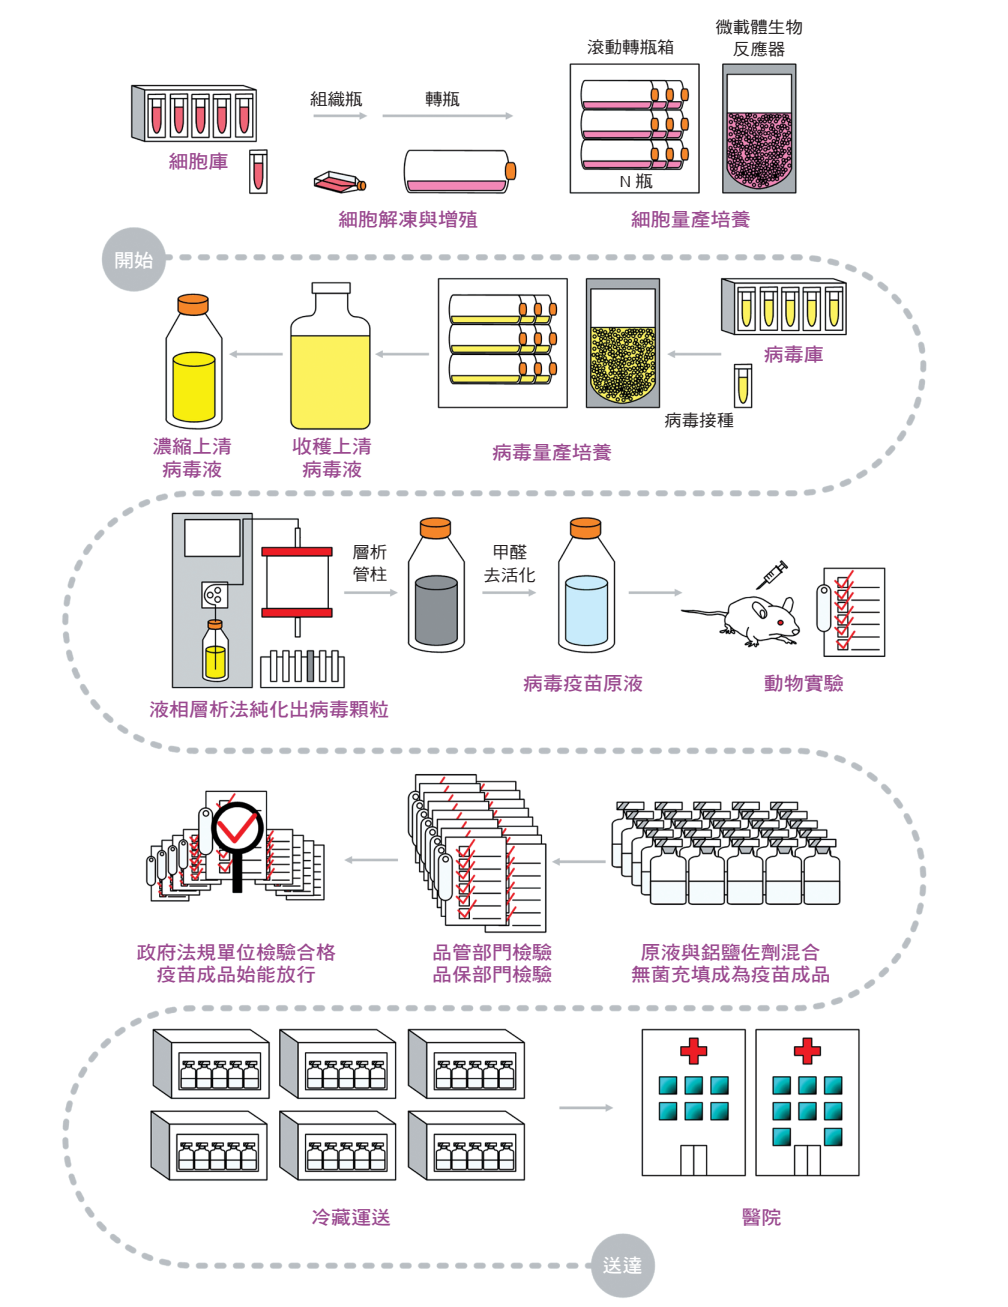 去活化腸病毒 71 型疫苗簡要生產流程